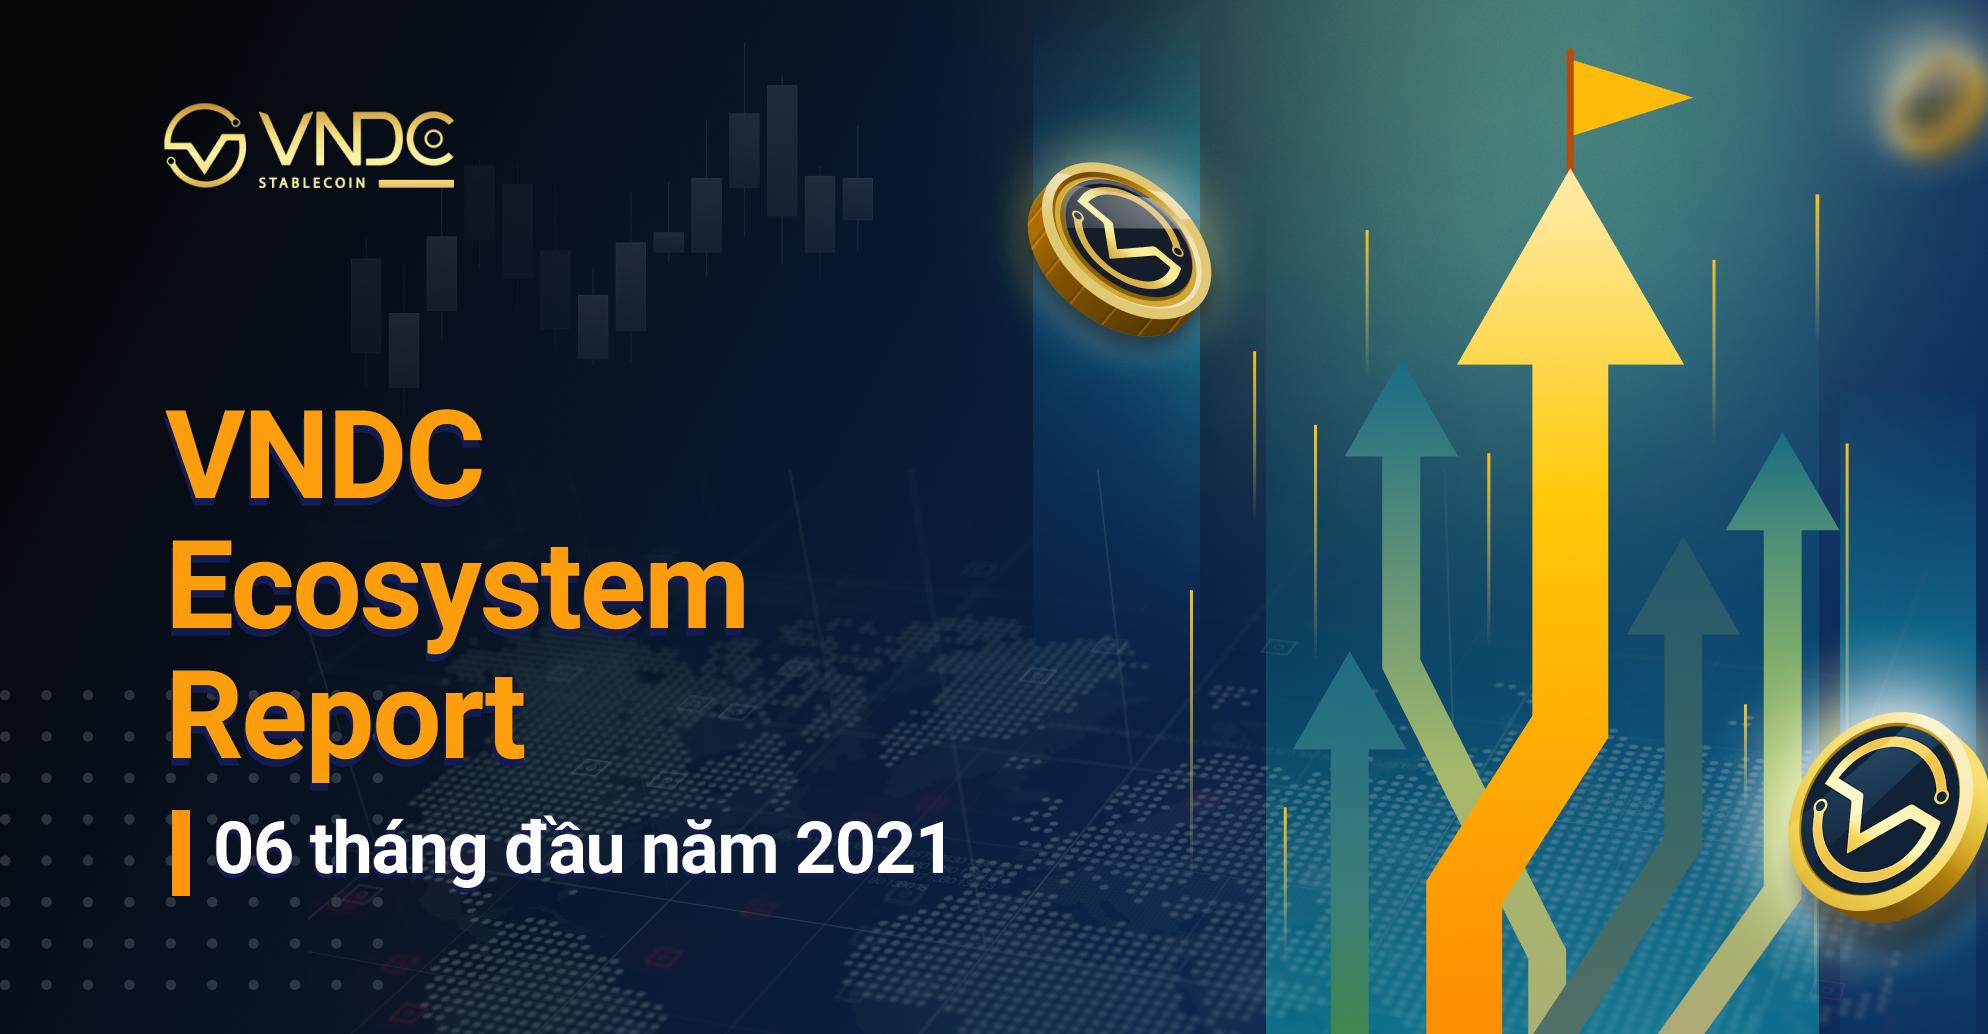 VNDC công bố VNDC Ecosystem Report 06 tháng đầu năm 2021